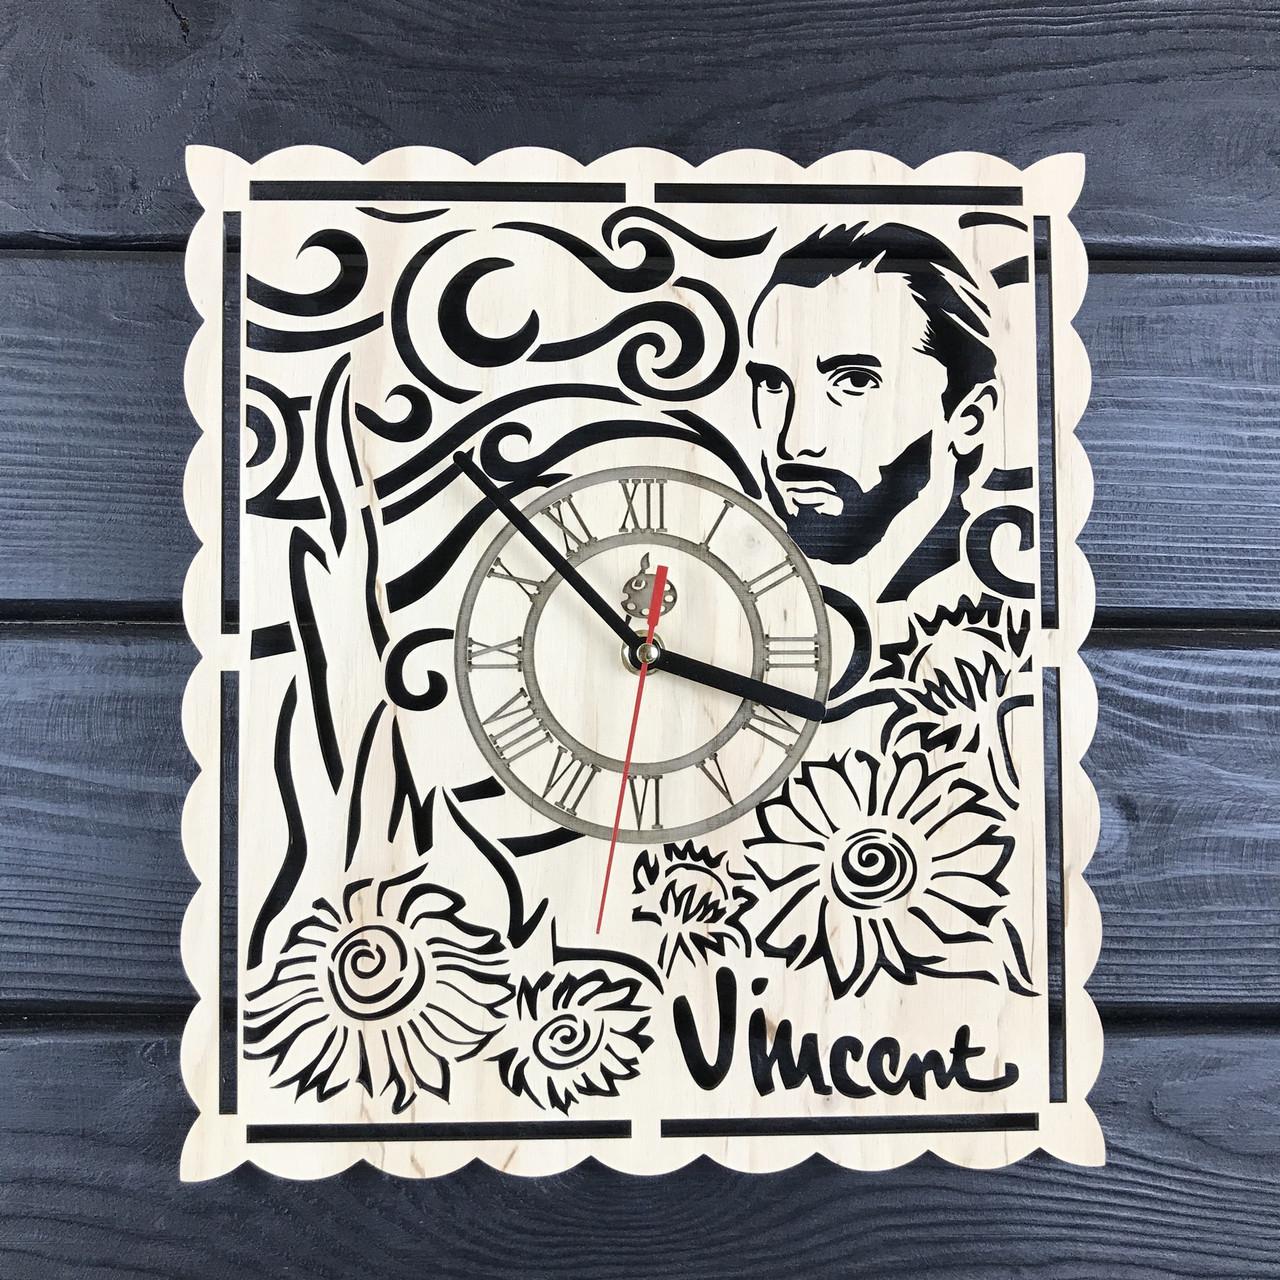 Тематические интерьерные настенные часы «Винсент Ван Гог»